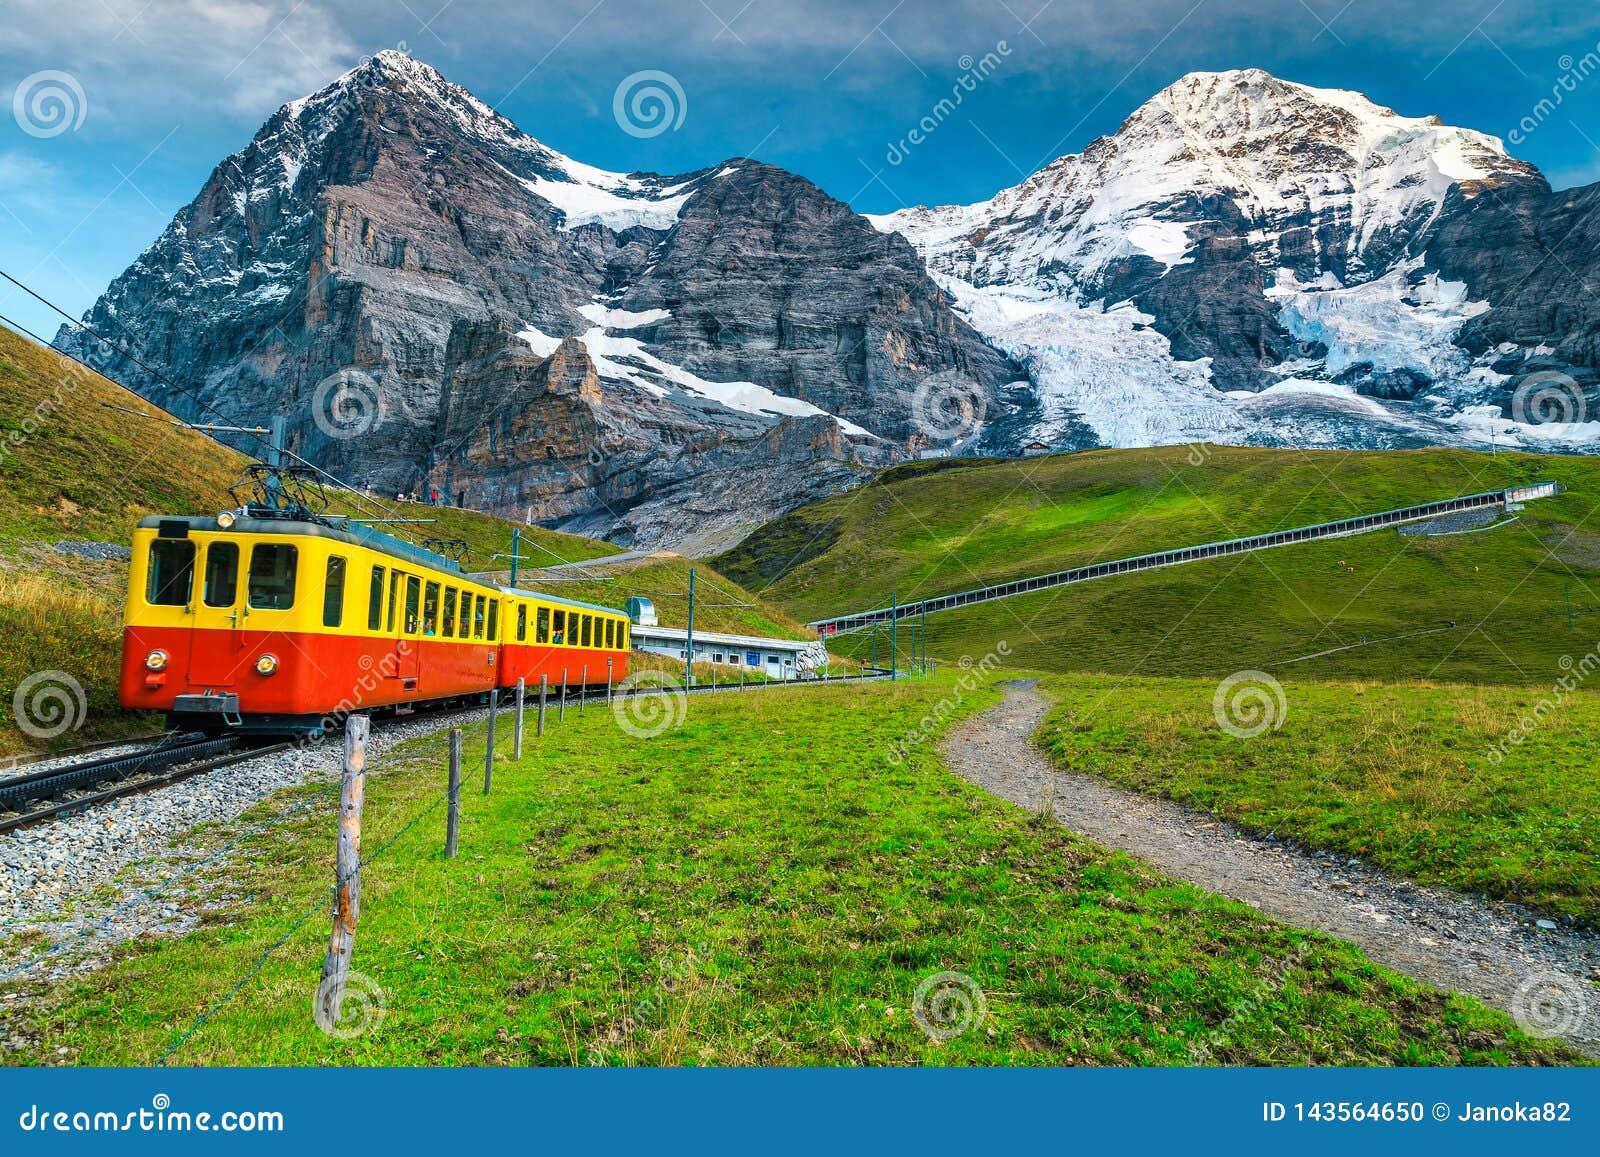 Elektrycznego turysty taborowa i śnieżna Eiger góra, Bernese Oberland, Szwajcaria